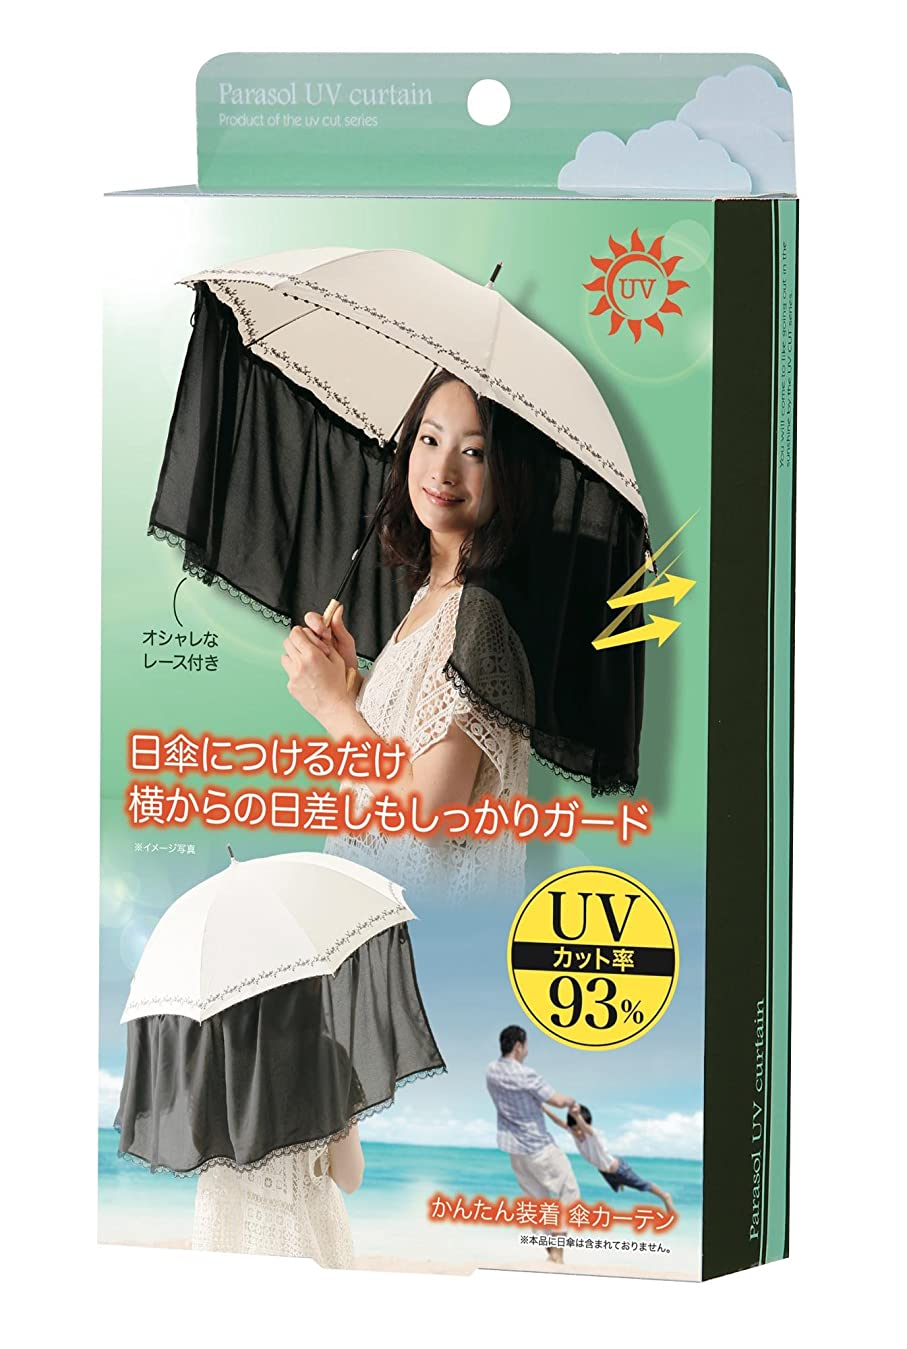 罪絡まるねじれかんたん装着 傘カーテン